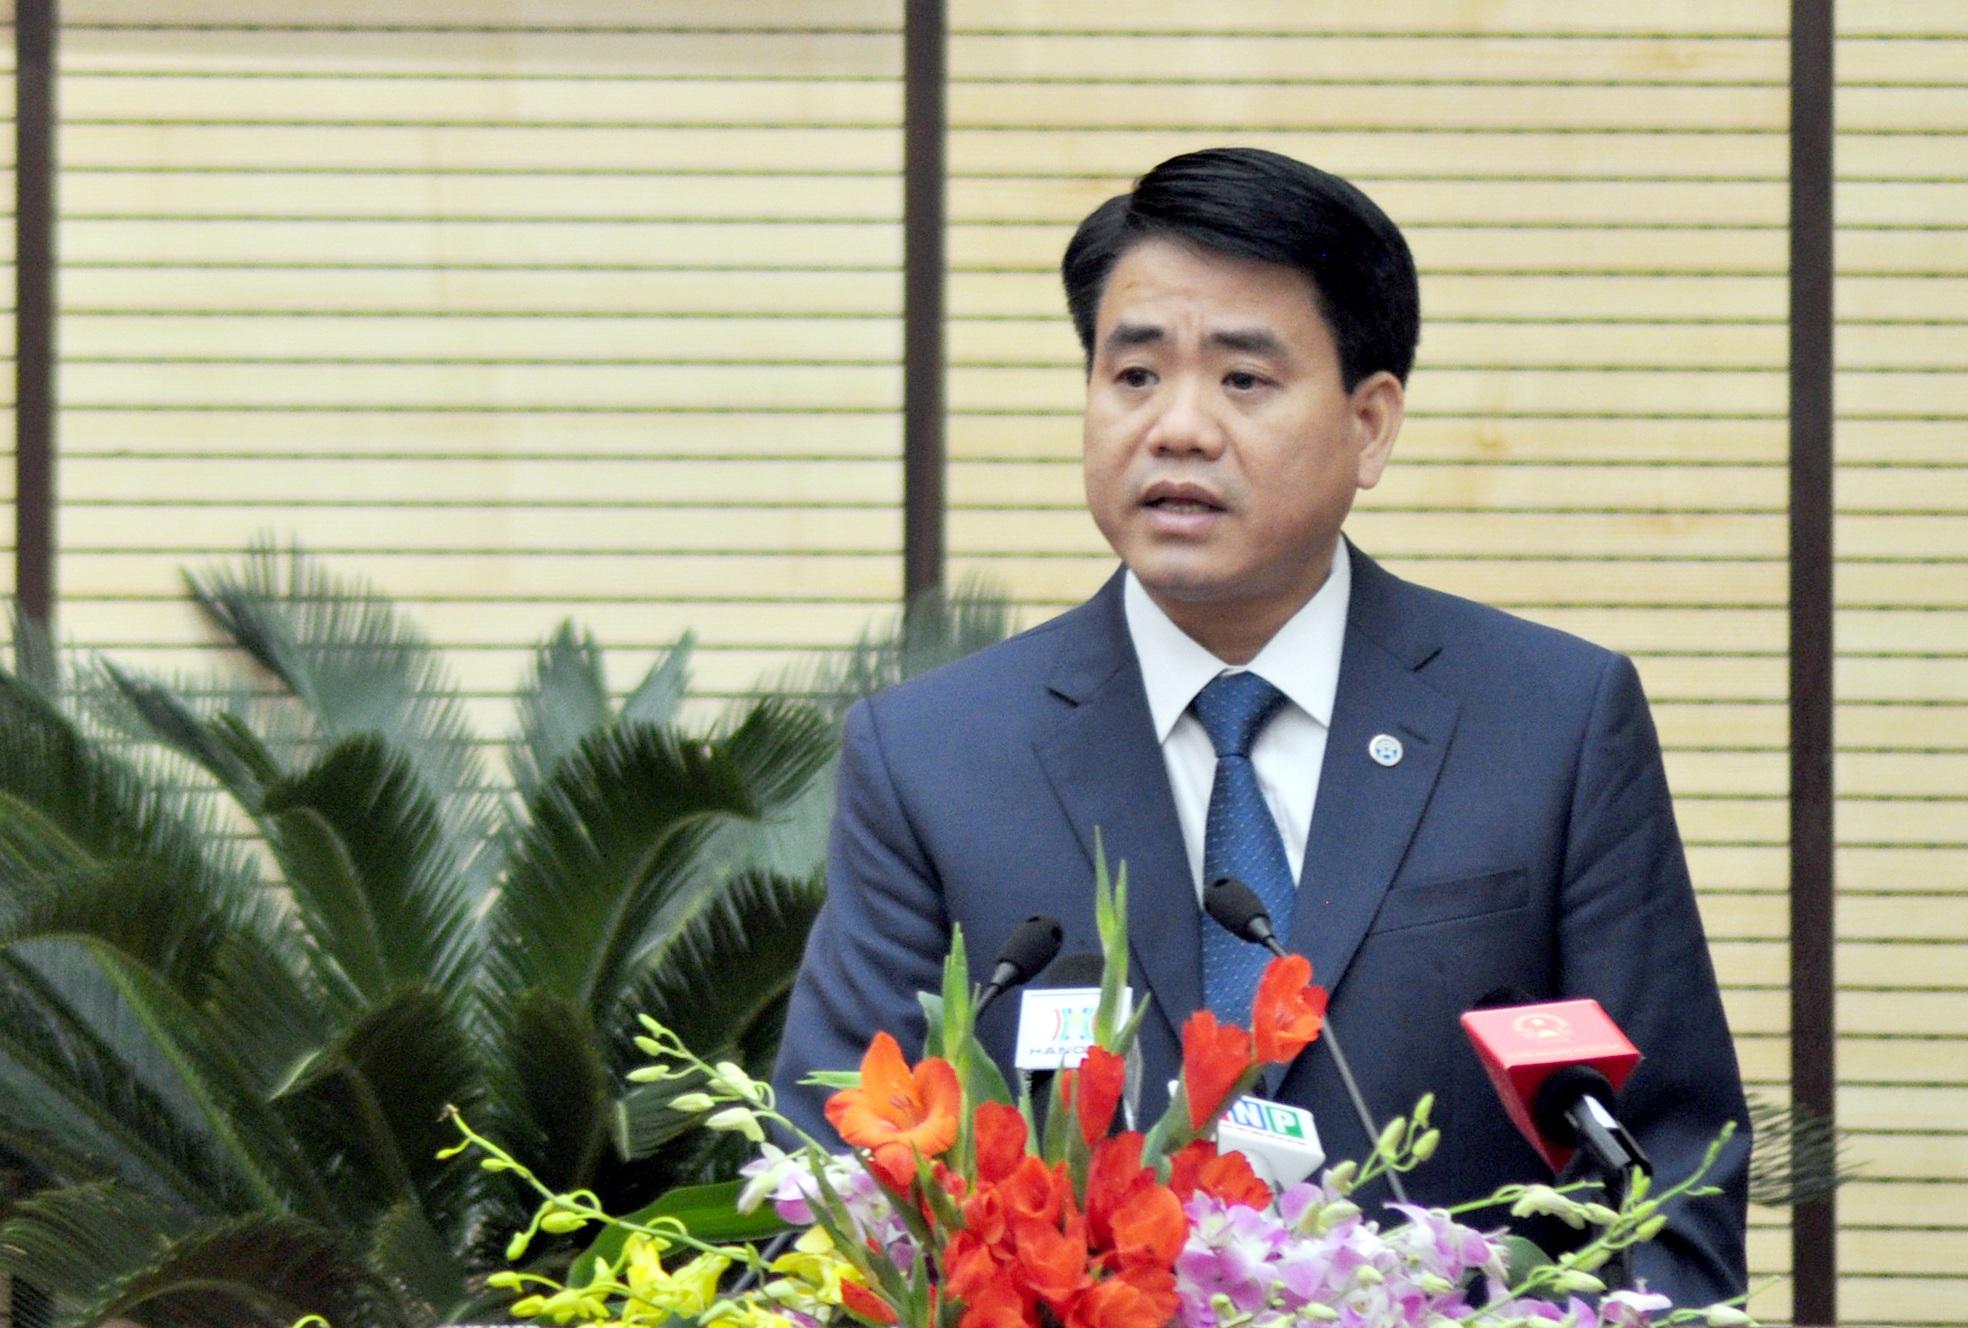 Ông Nguyễn Đức Chung - Chủ tịch UBND TP Hà Nội nhiệm kỳ 2011-2016